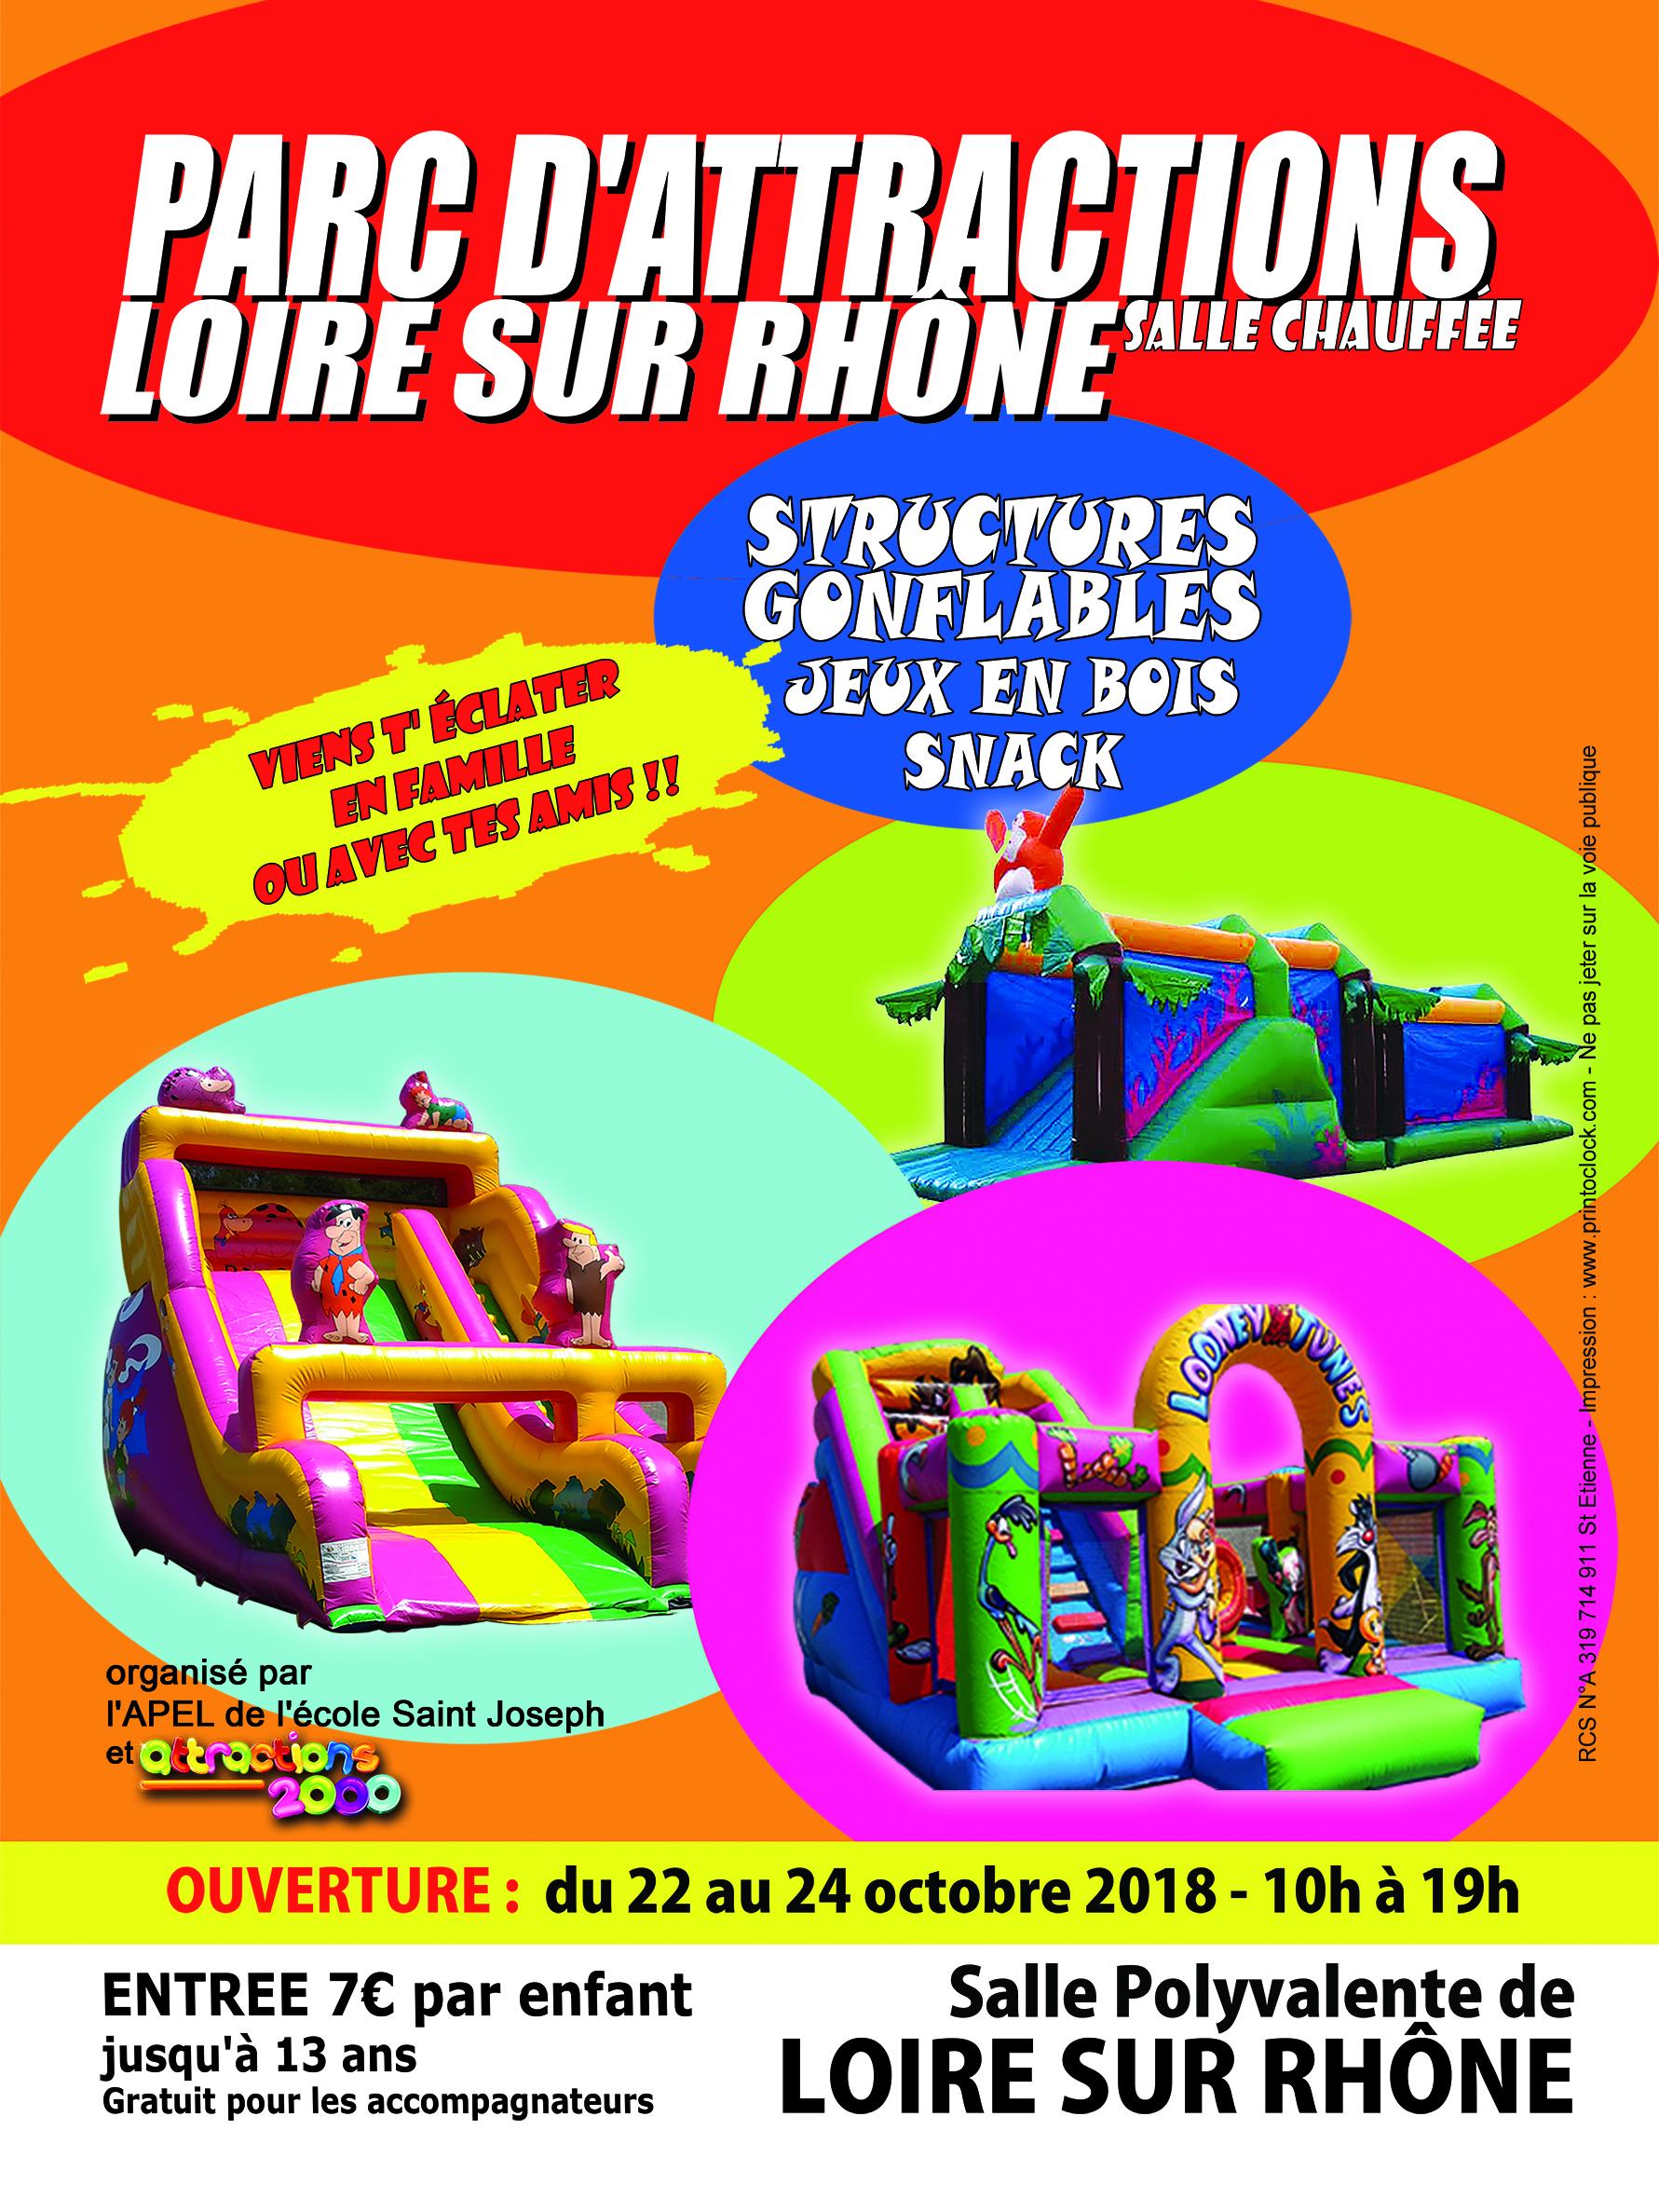 Parc De Jeux Gonflables - Loire-Sur-Rhône - Parcs De Loisirs concernant Jeu Gratuit Enfant 7 Ans